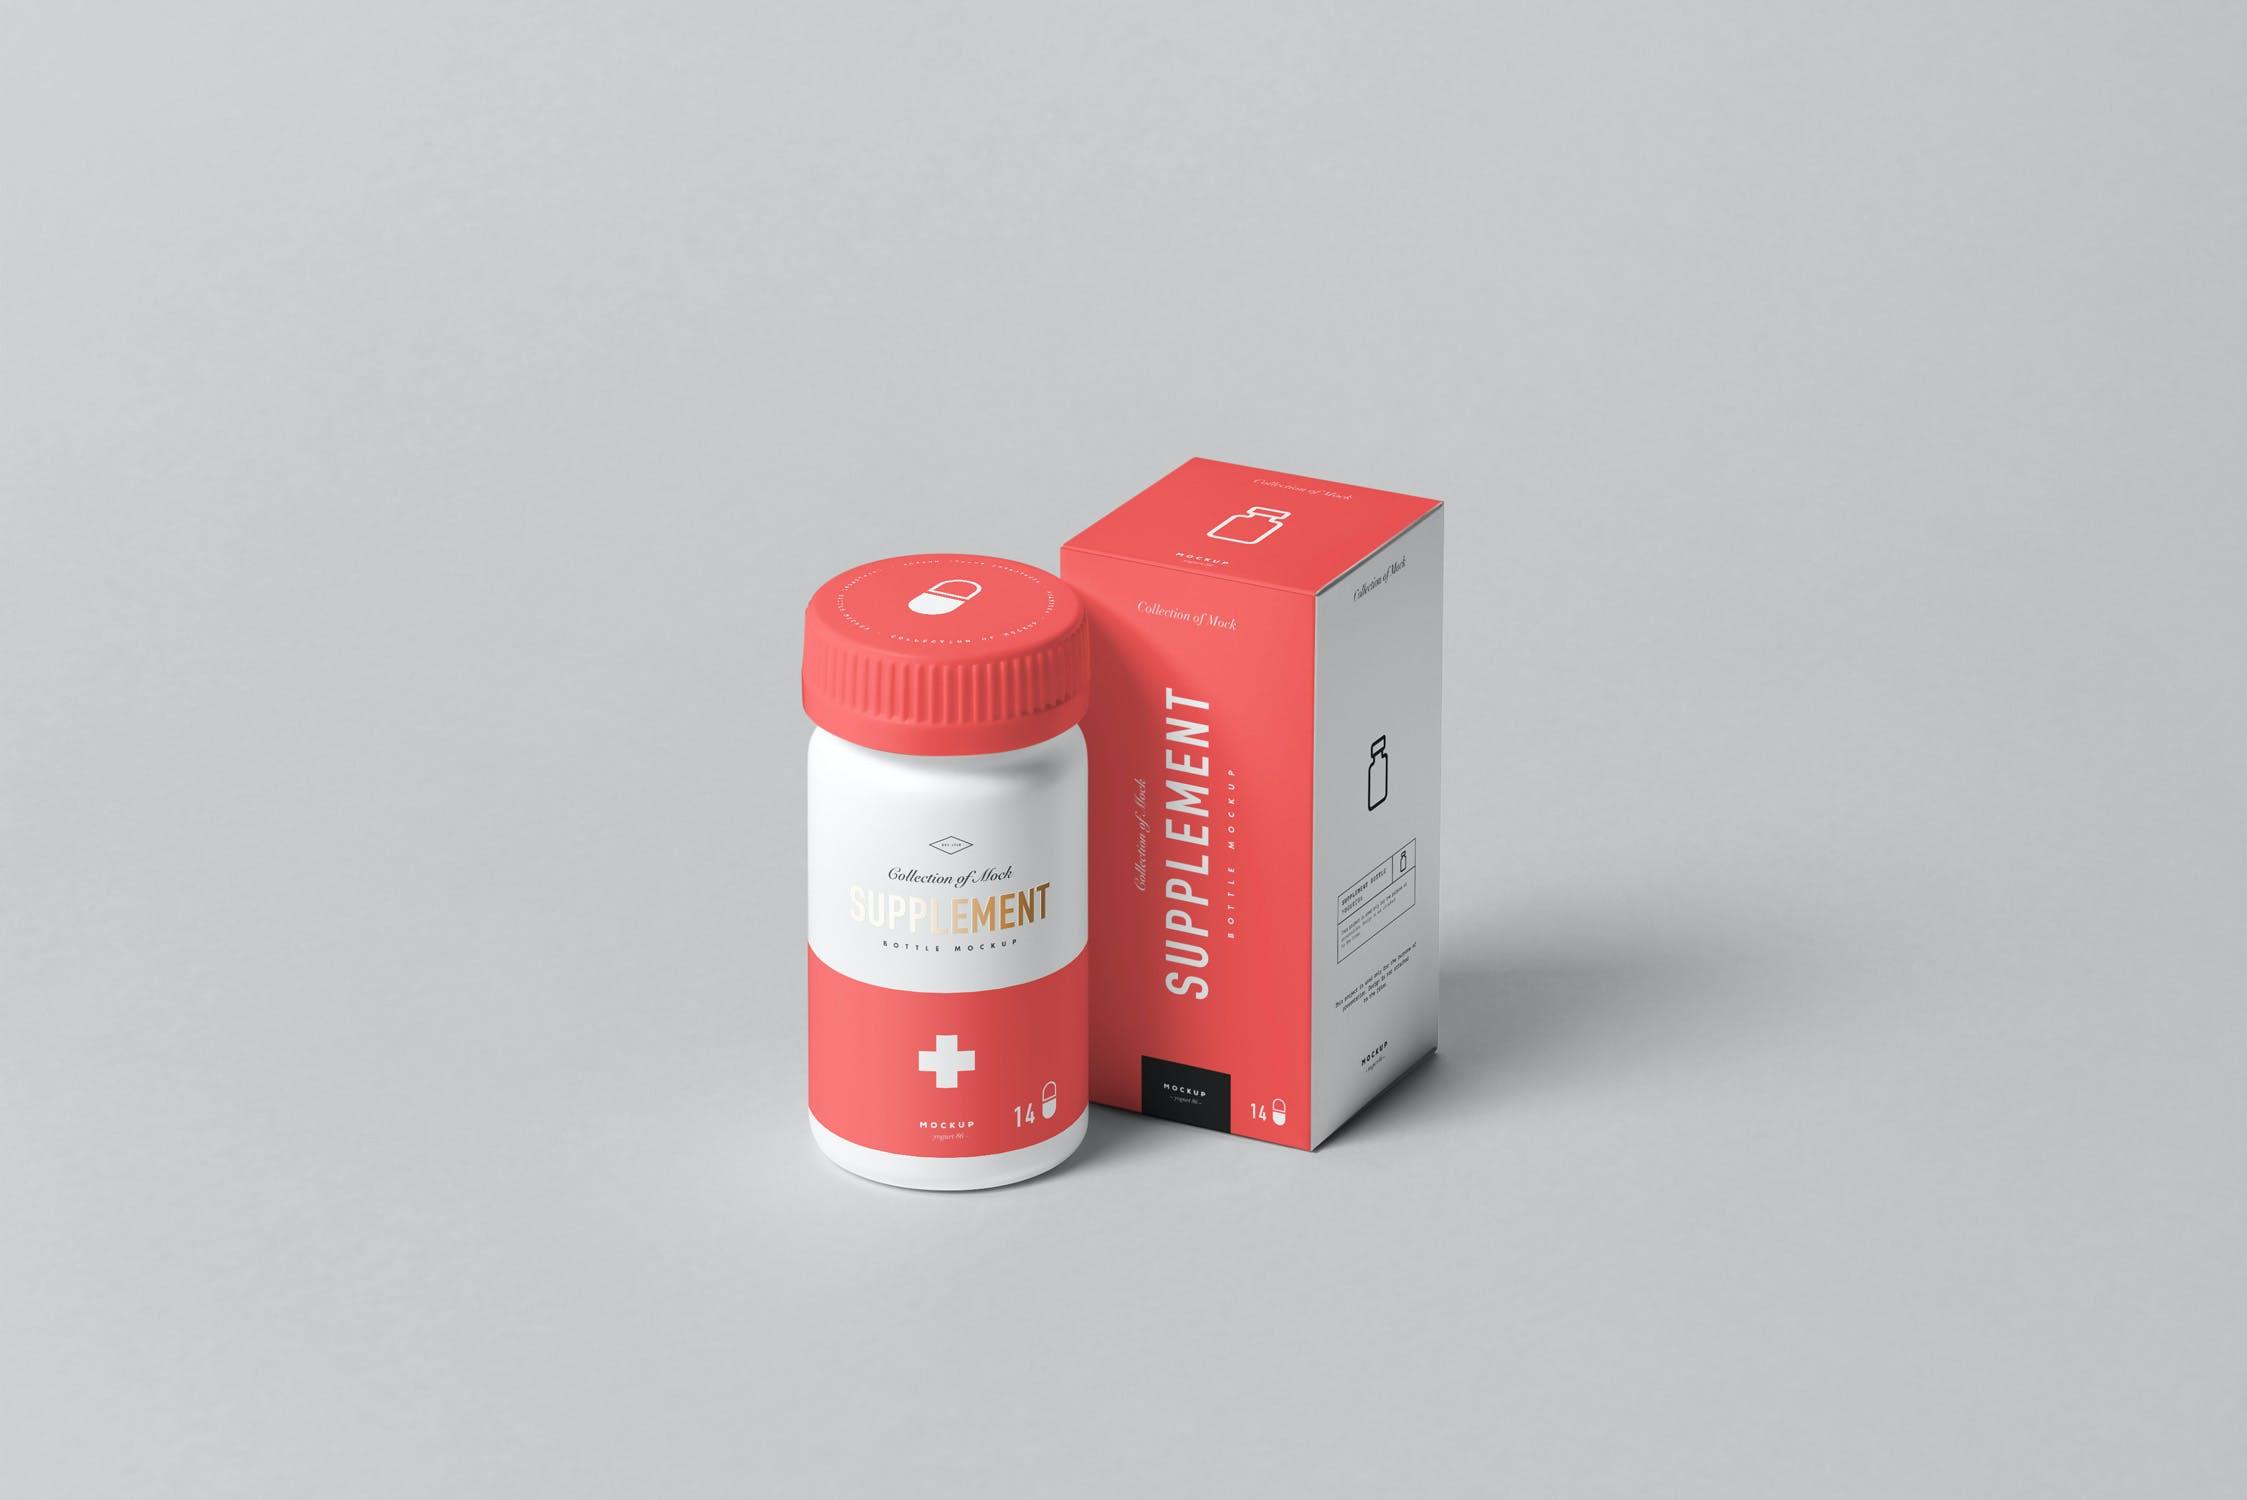 9款药物塑料补充瓶包装纸盒设计展示样机模板 Supplement Jar & Box Mockup 4插图(4)